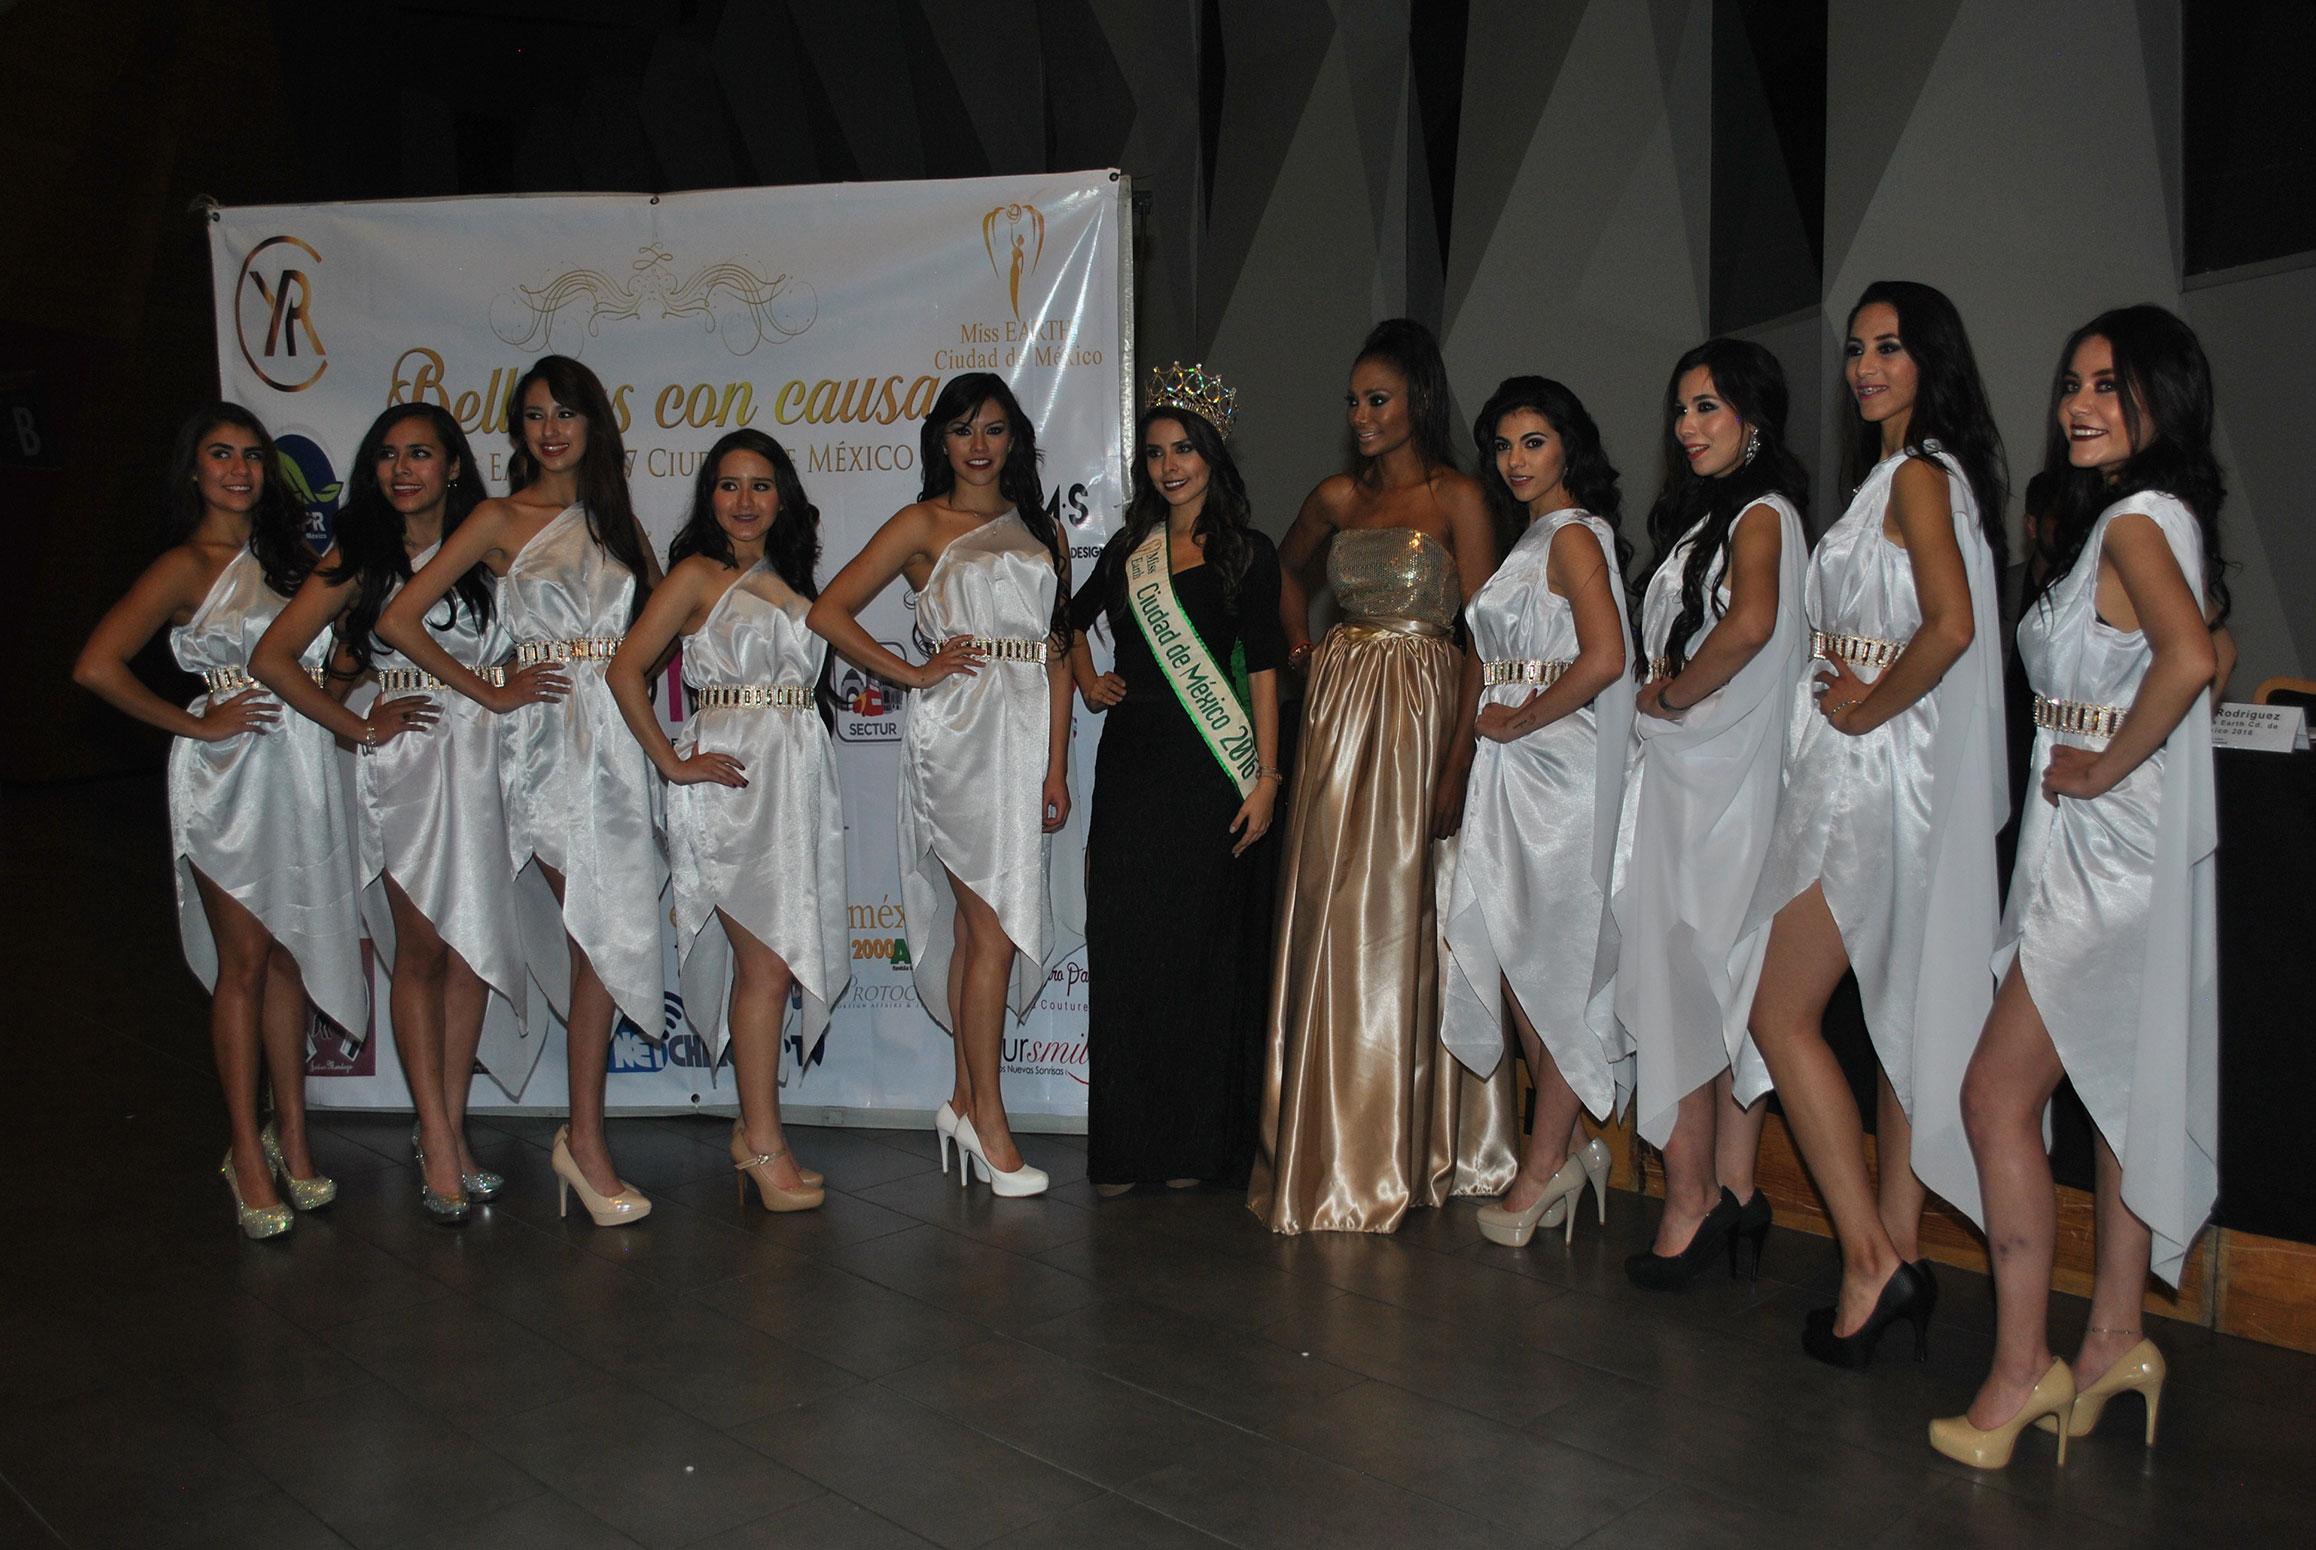 Las aspirantes a Miss Earth CDMX 2017, con Abil González, Miss Earth CDMX 2016 (vestido negro), y Yudy Rodríguez, directora de Miss Earth CDMX (vestido dorado)